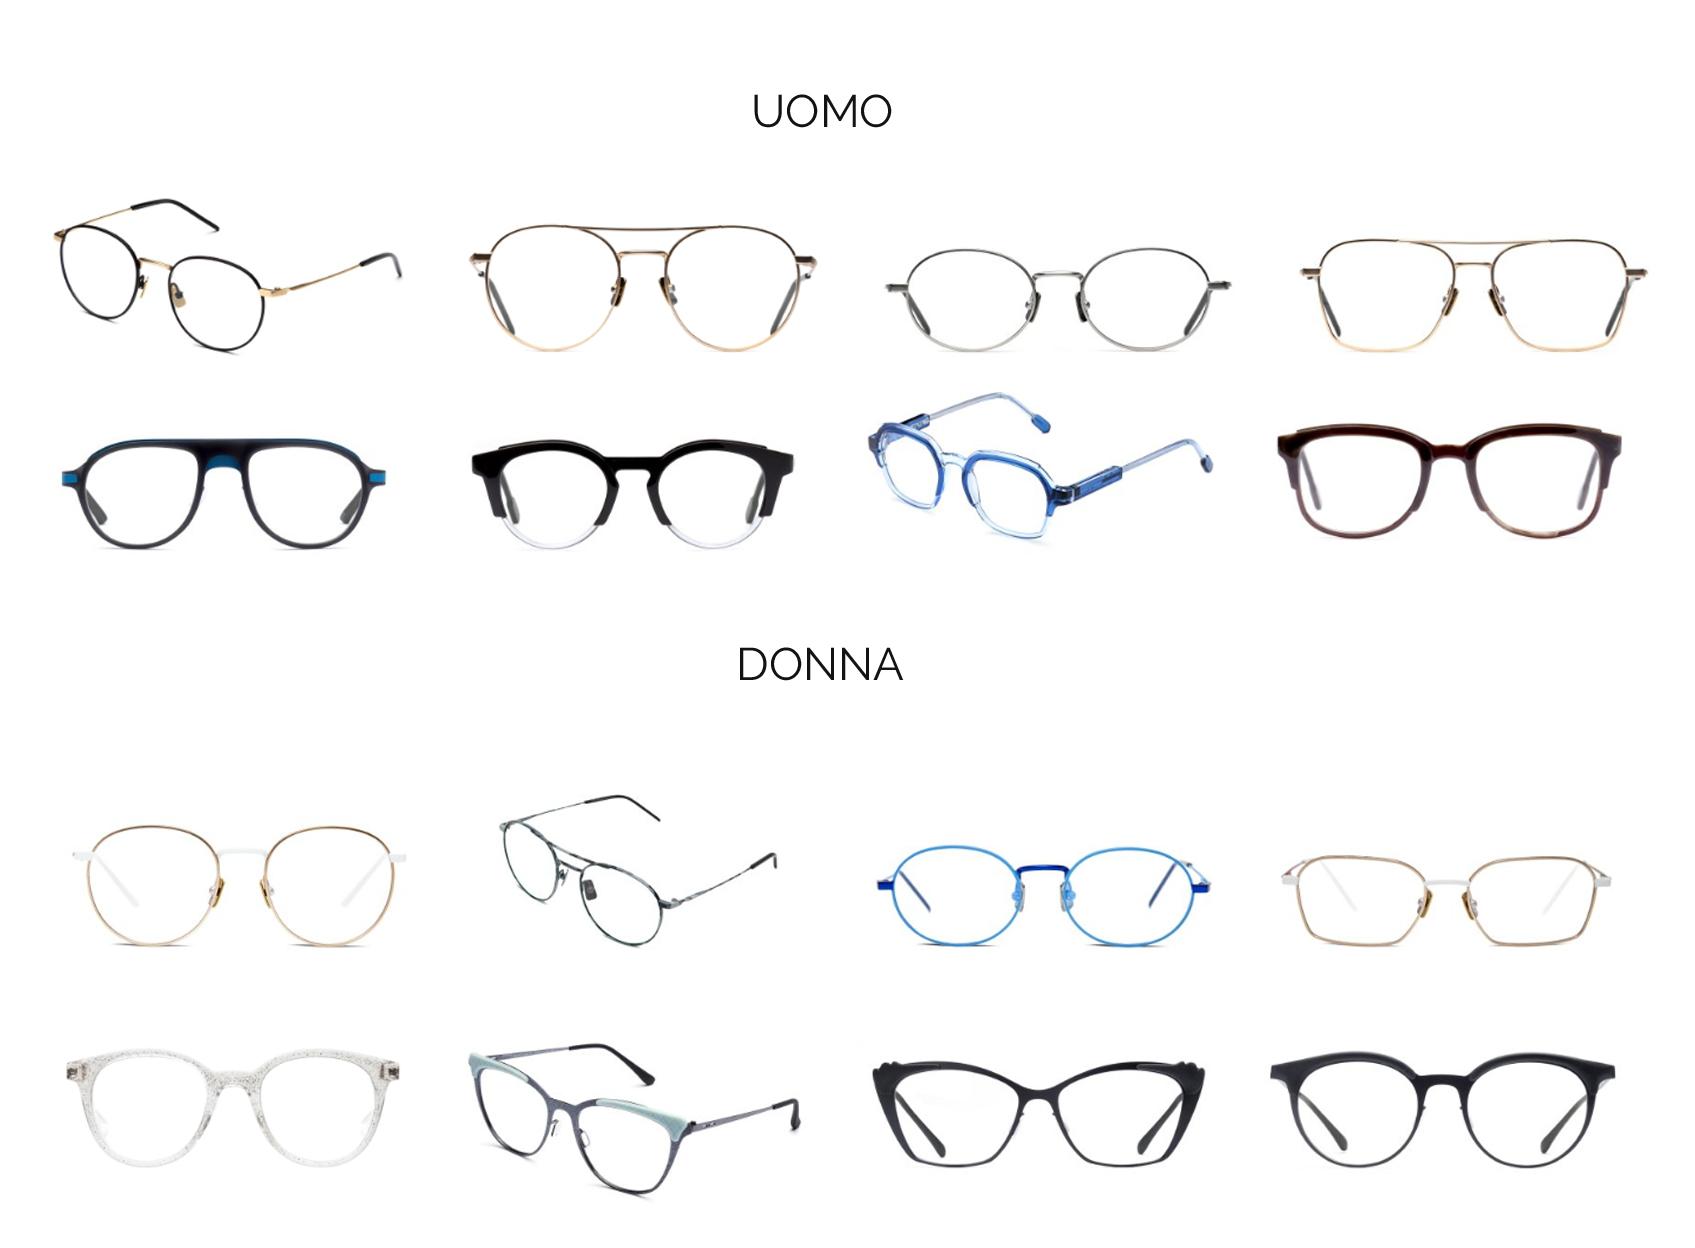 italian-indipendent-ottica-look-vision-occhiali-vista-uomo-donna